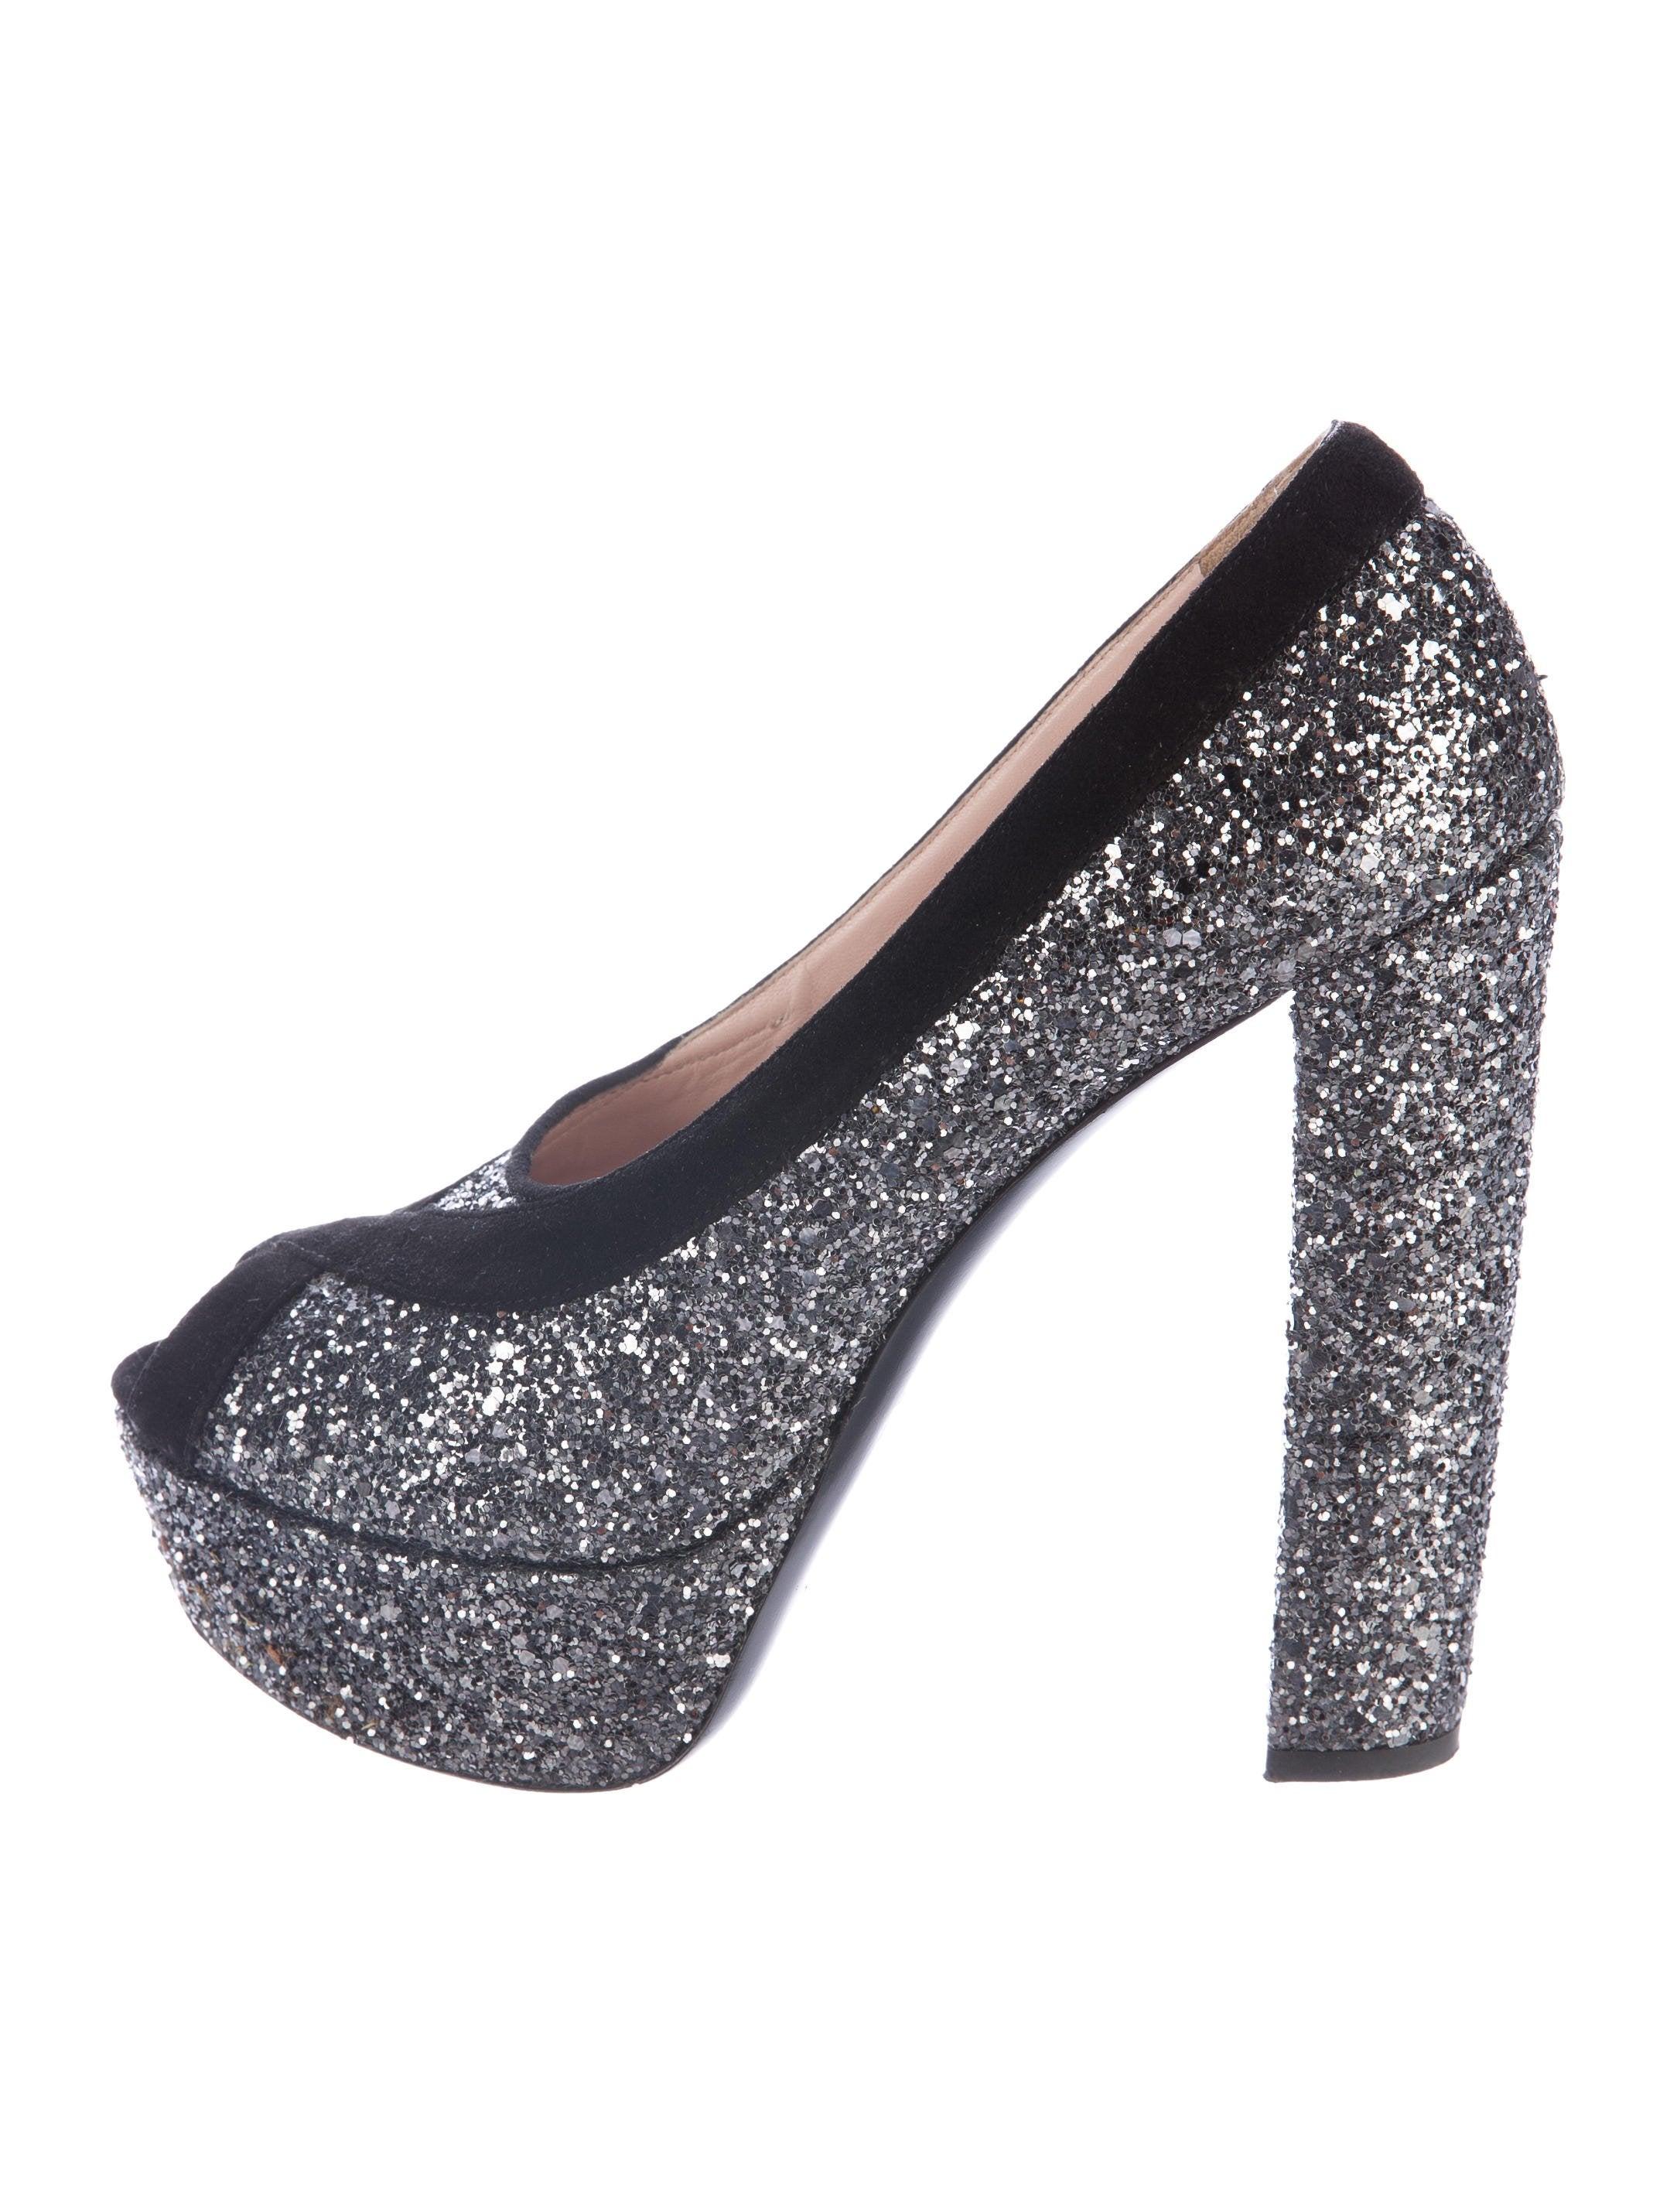 15f1f64cf42d Miu Miu Glitter Peep-Toe Pumps - Shoes - MIU56778